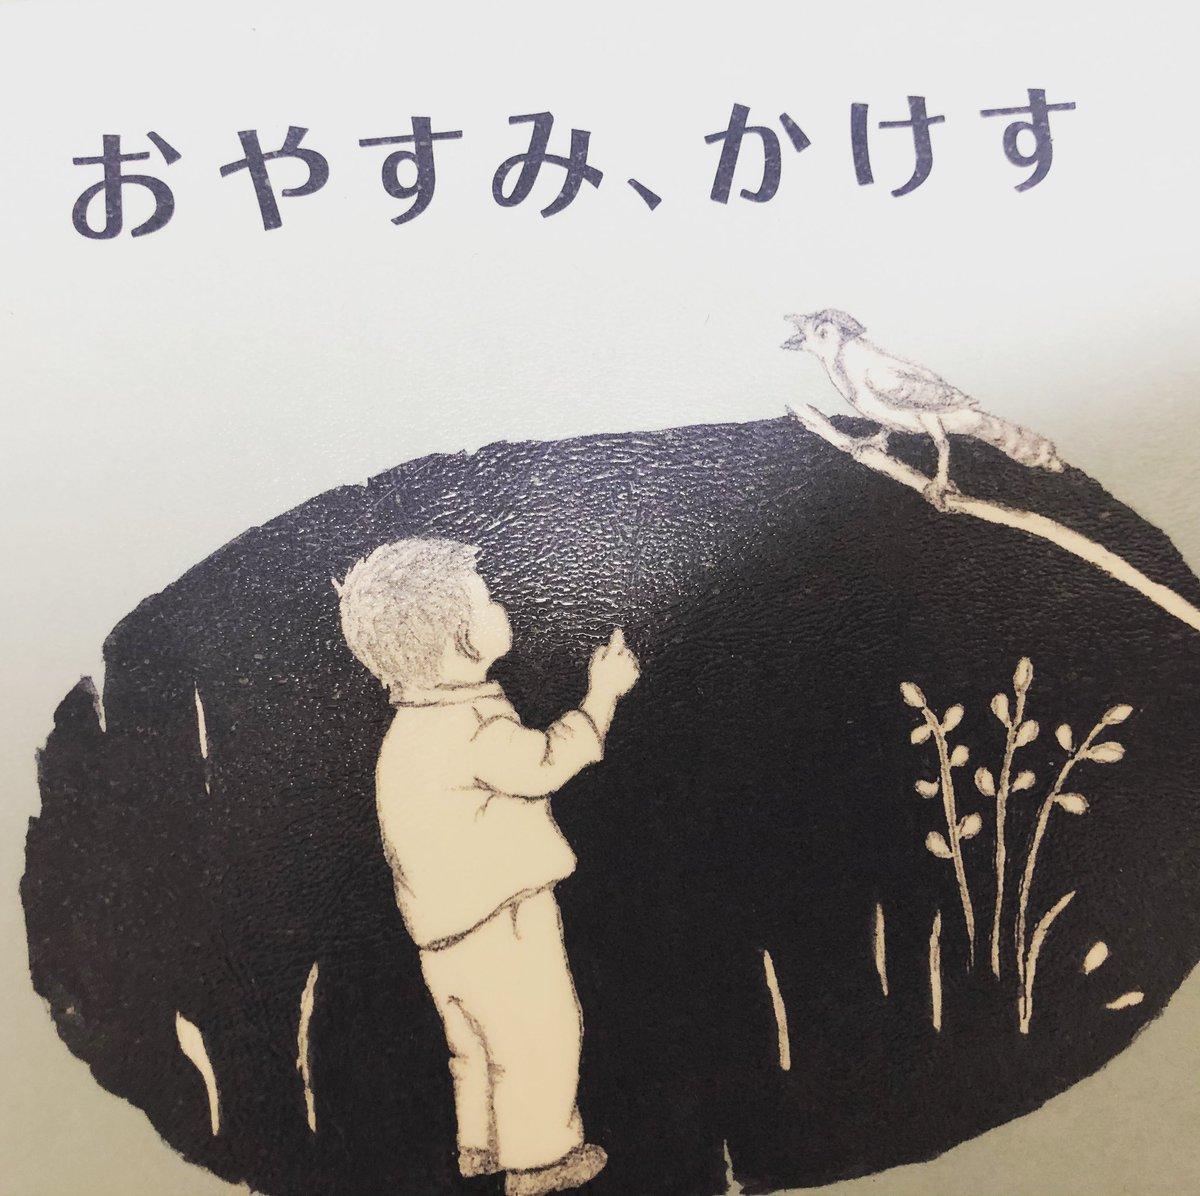 1日1冊の絵本を読み聞かせのキロク。 I'll try to read a picture book every day for my daughter. #day18  #きょうの絵本  #おやすみかけす  #マリーホールエッツ